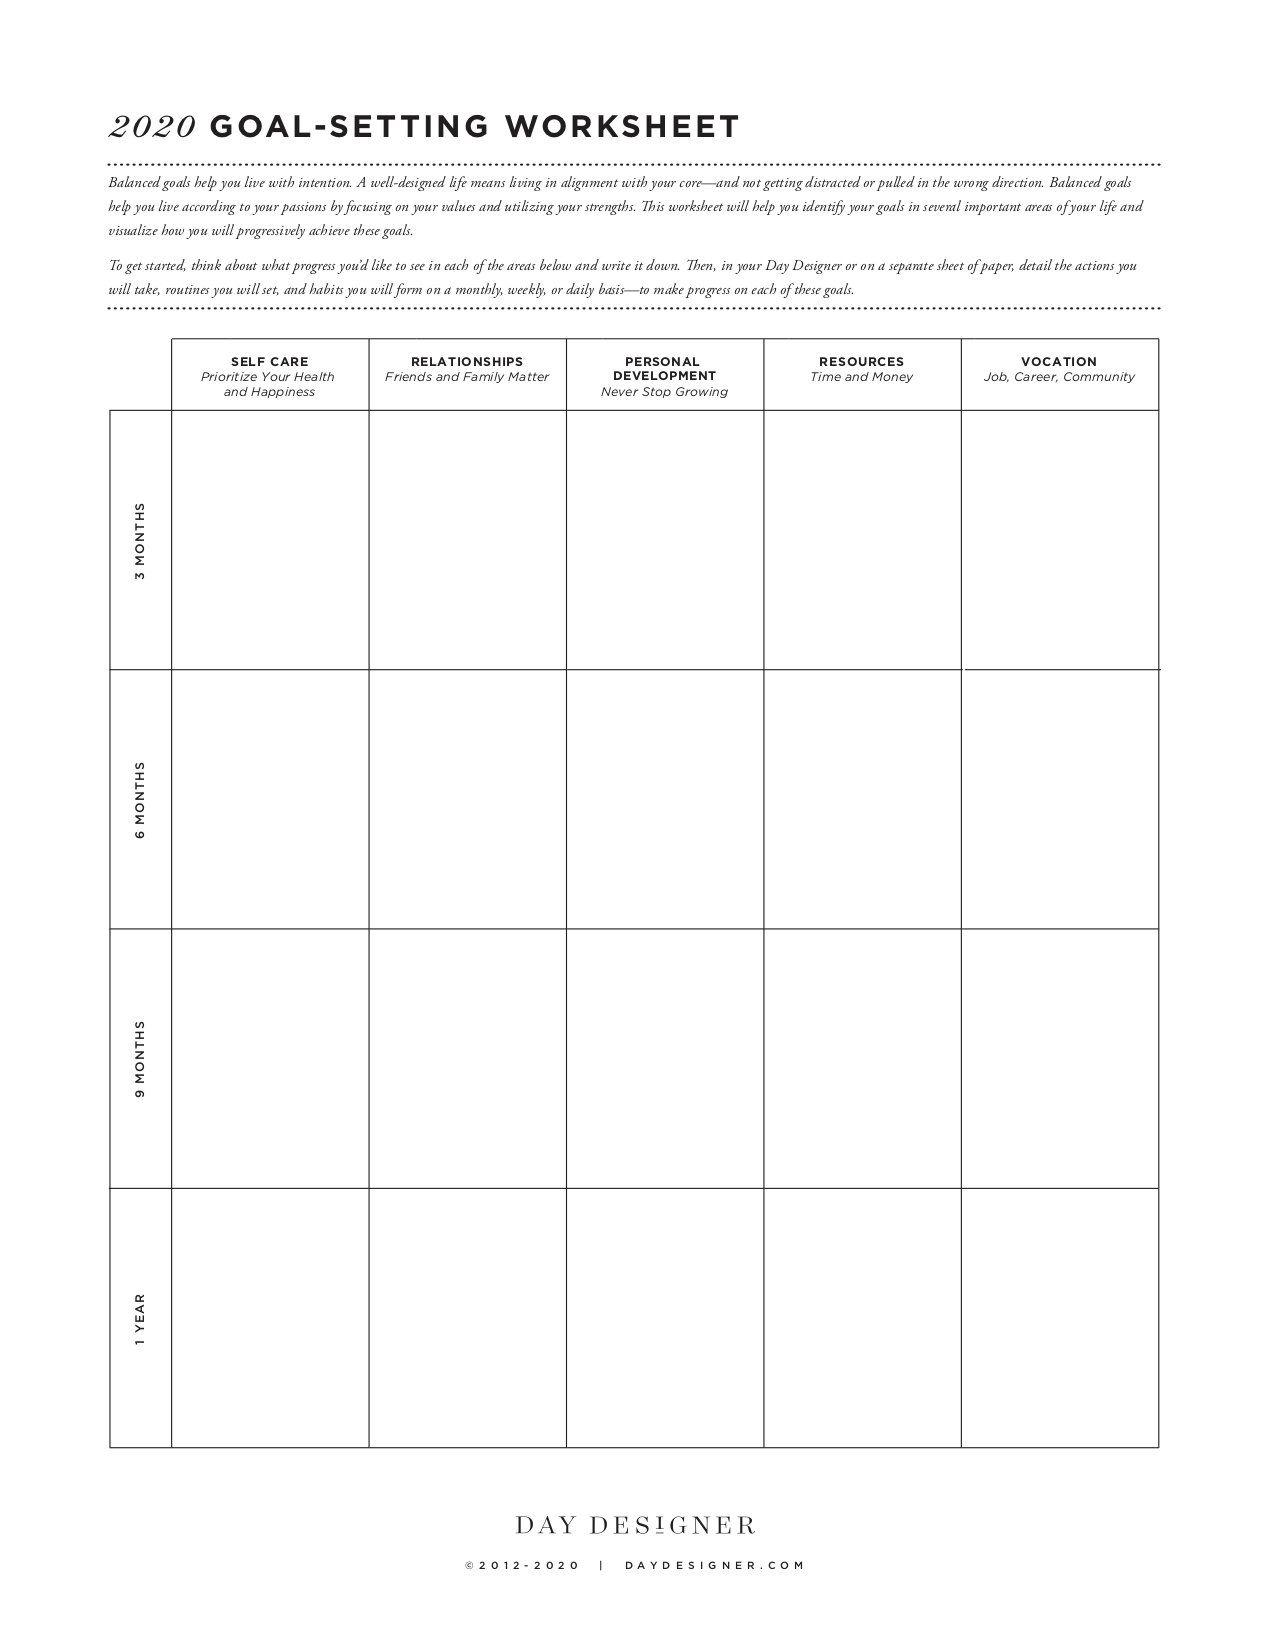 10 Best Goal Setting Worksheets